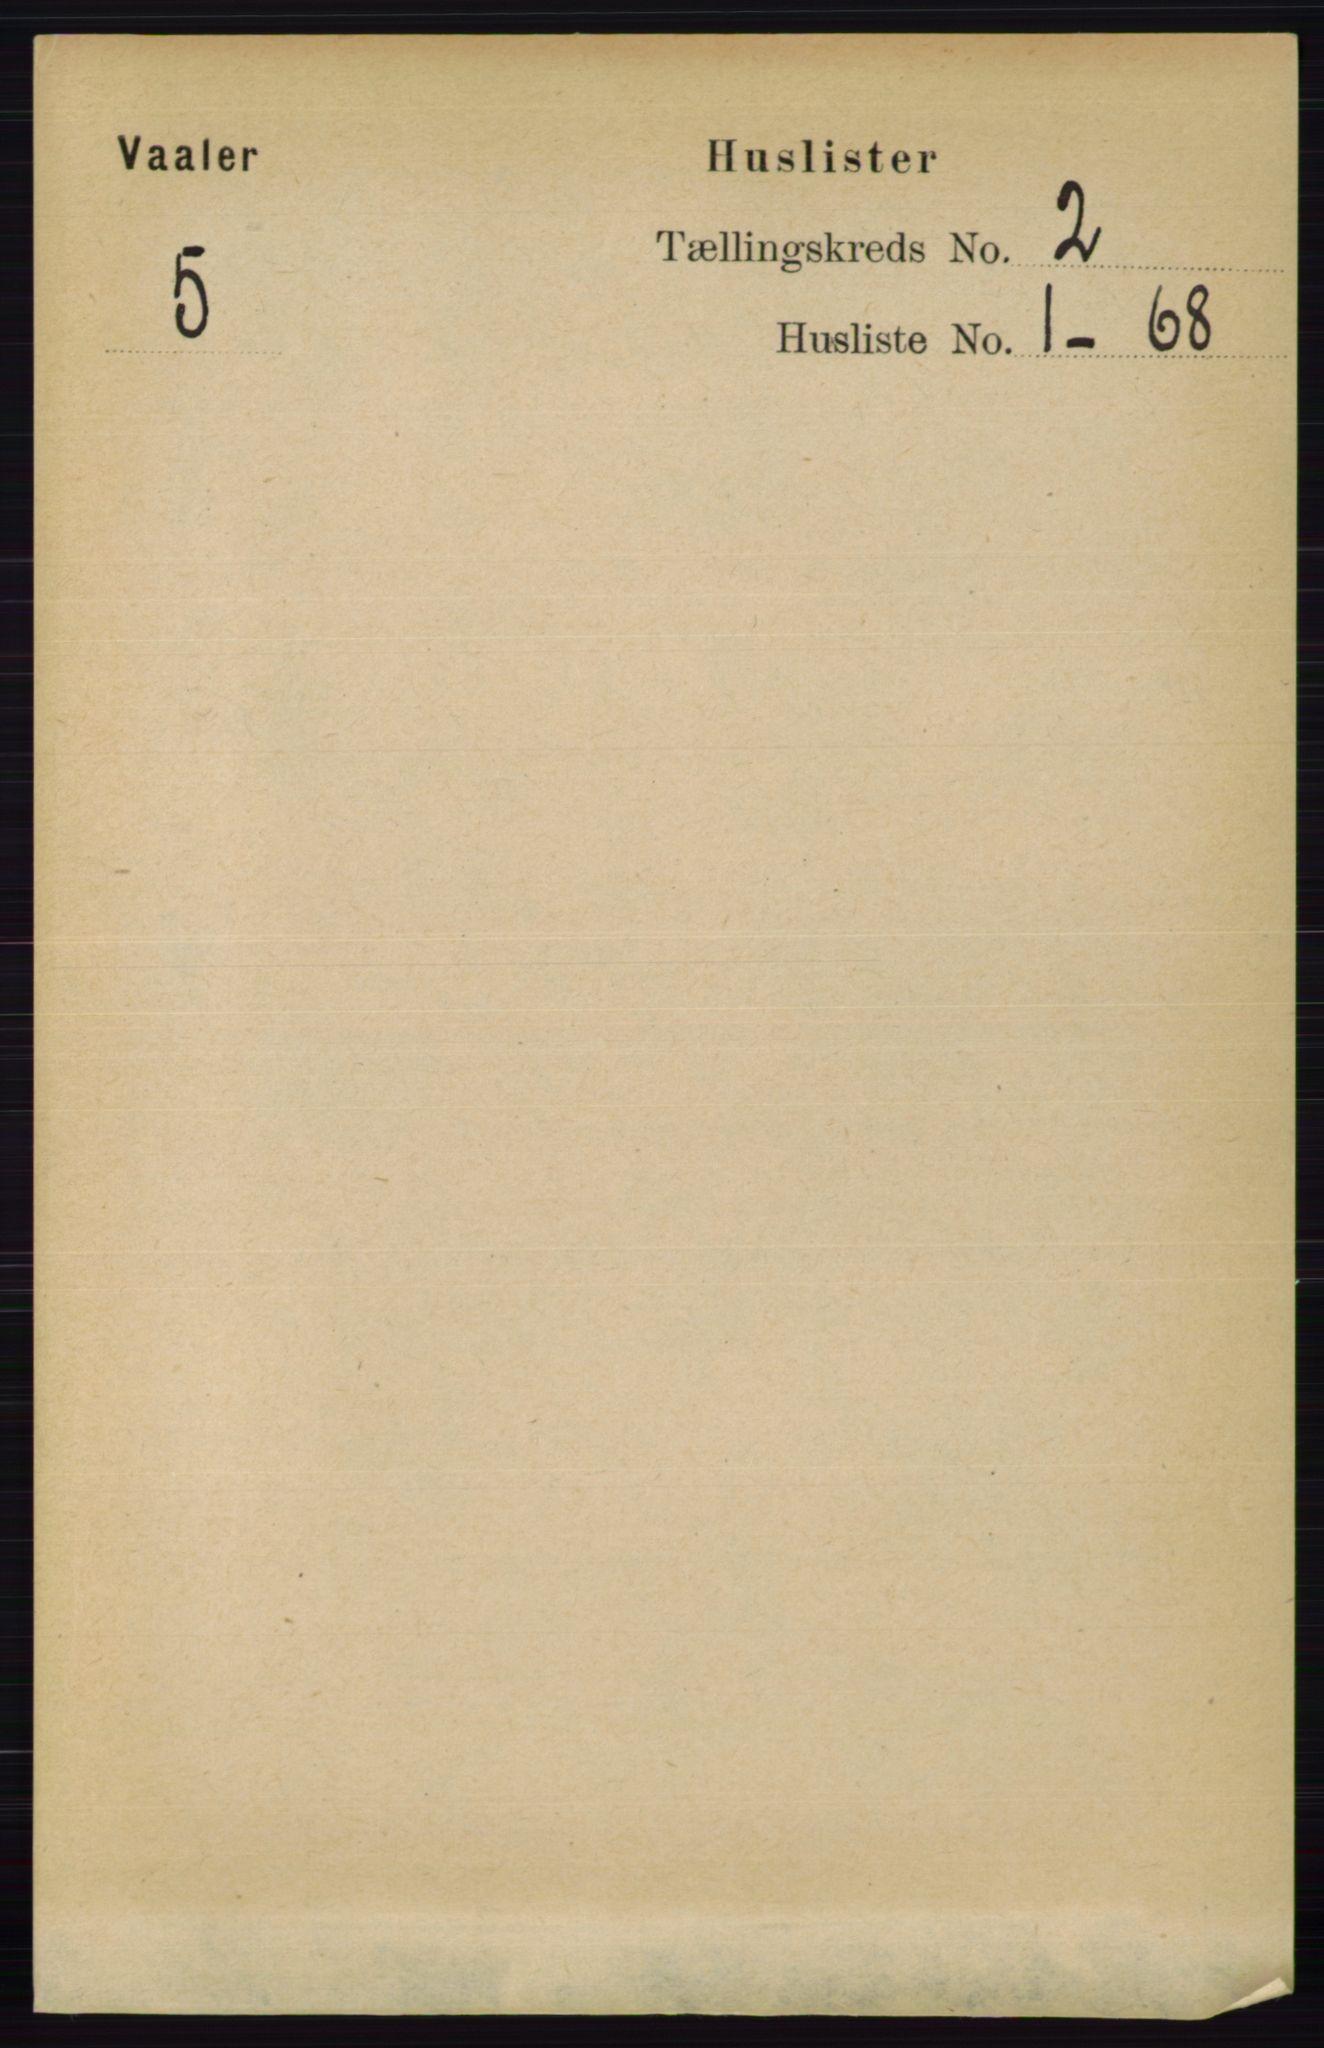 RA, Folketelling 1891 for 0137 Våler herred, 1891, s. 615